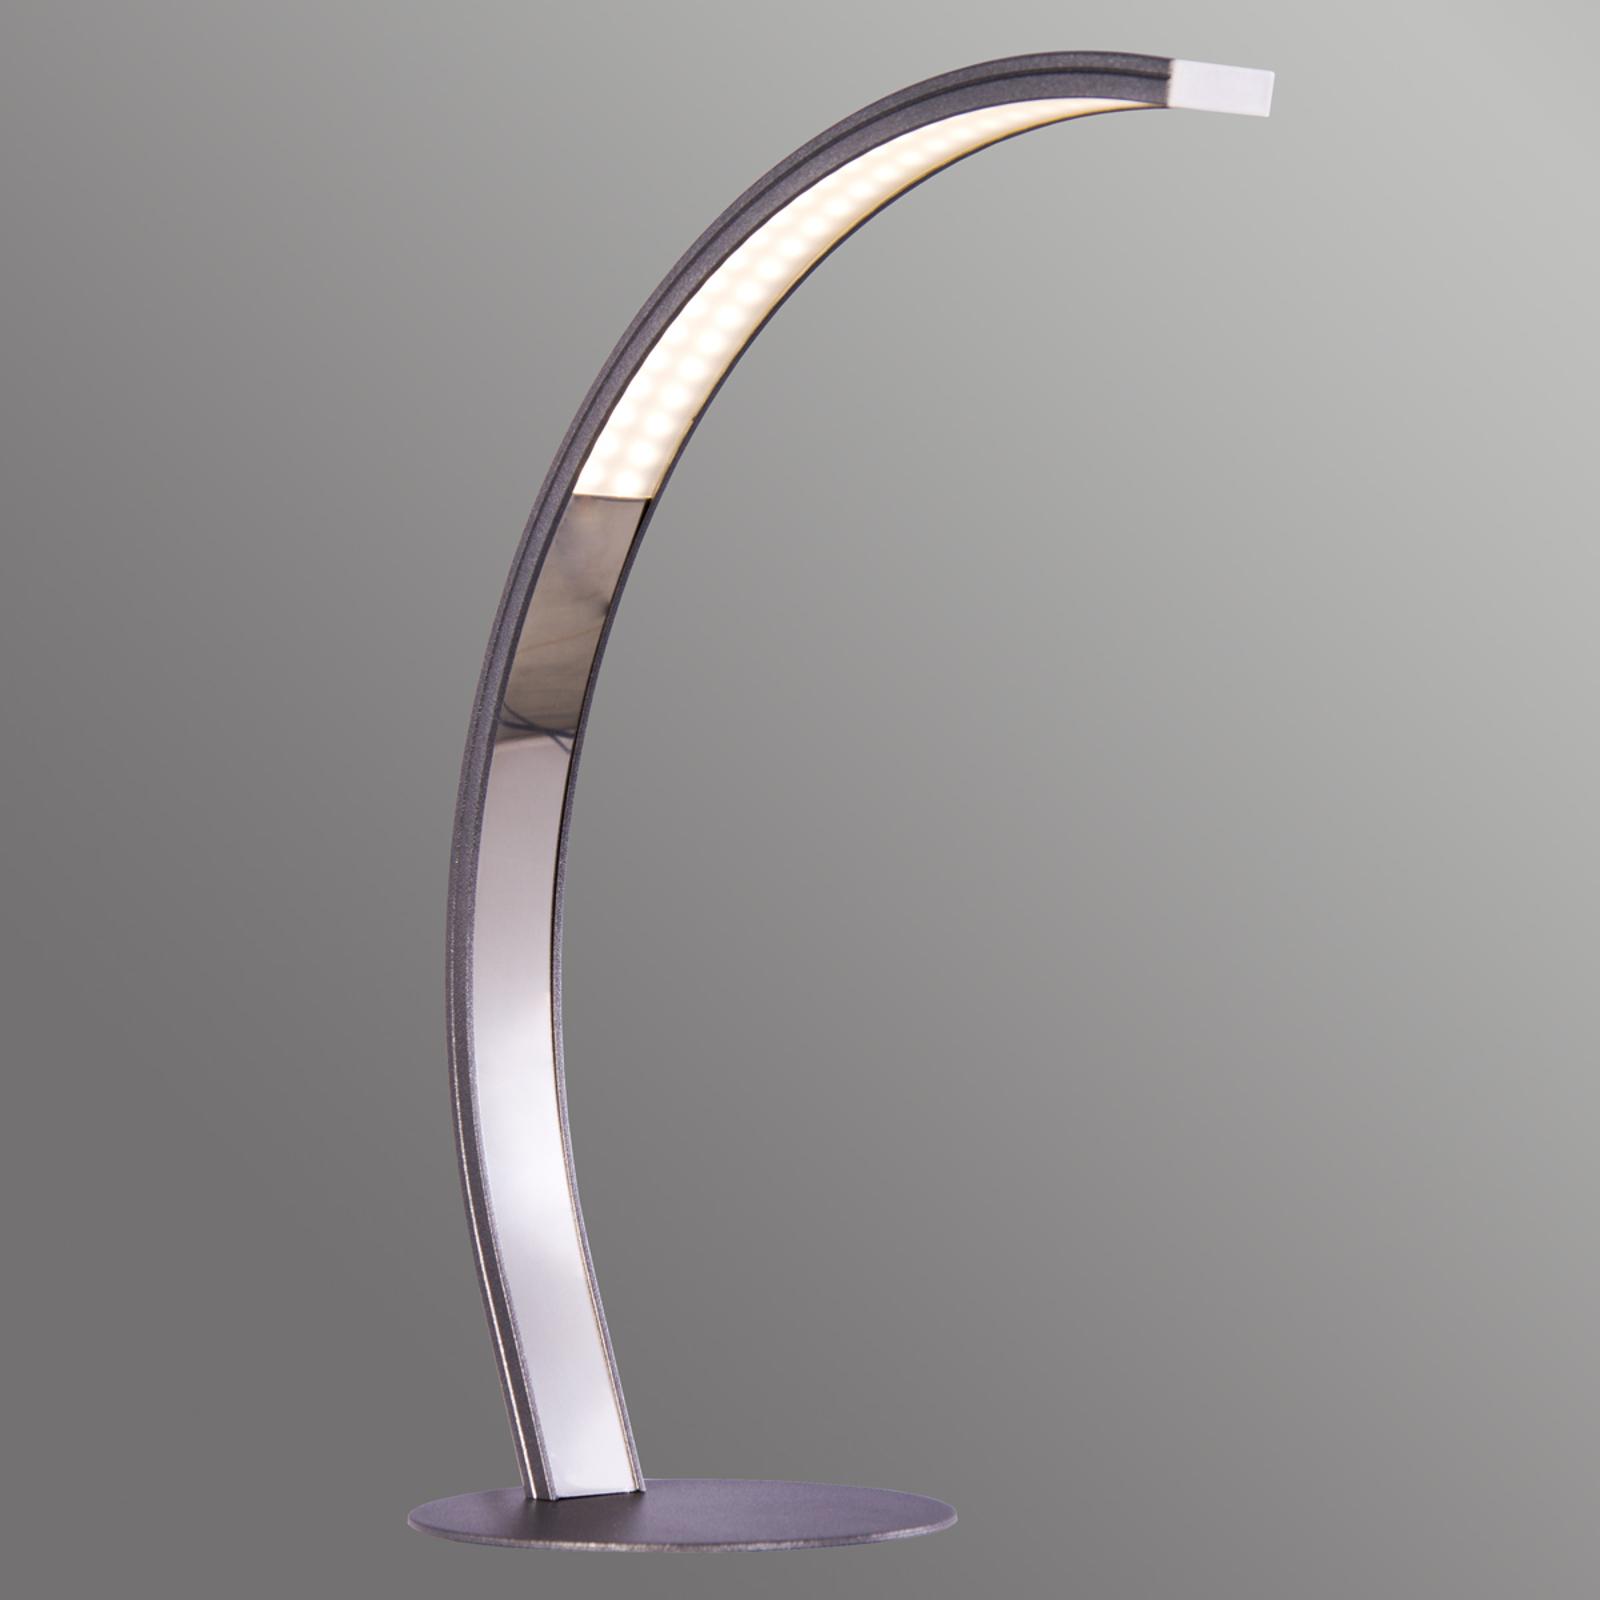 LED-Tischleuchte Largo Höhe 36 cm matt grau